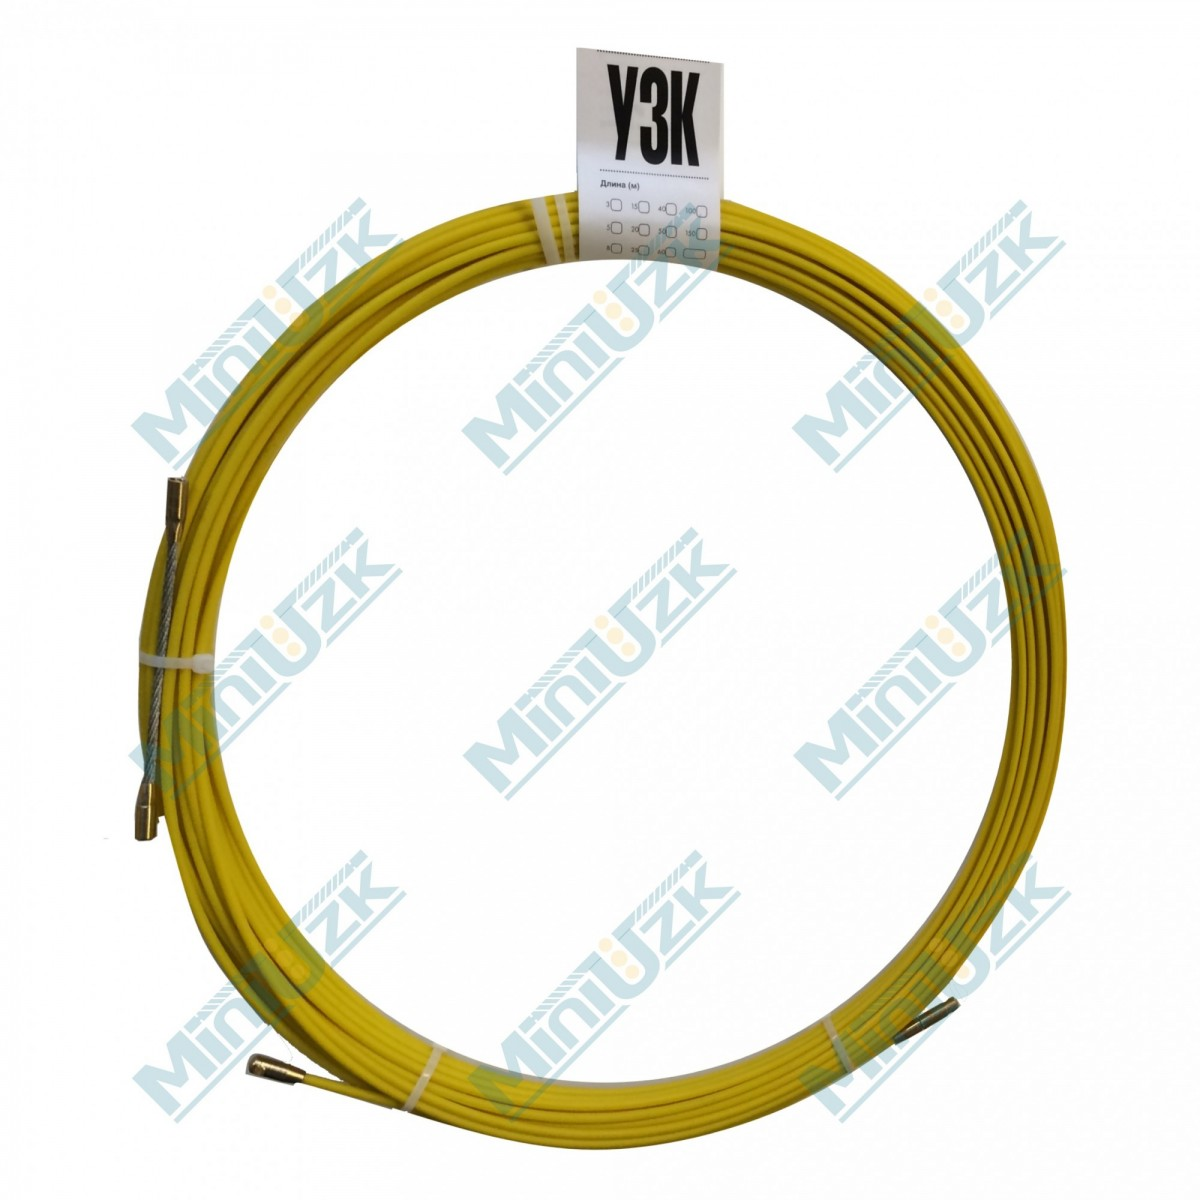 Стеклопруток для кабельной протяжки УЗК